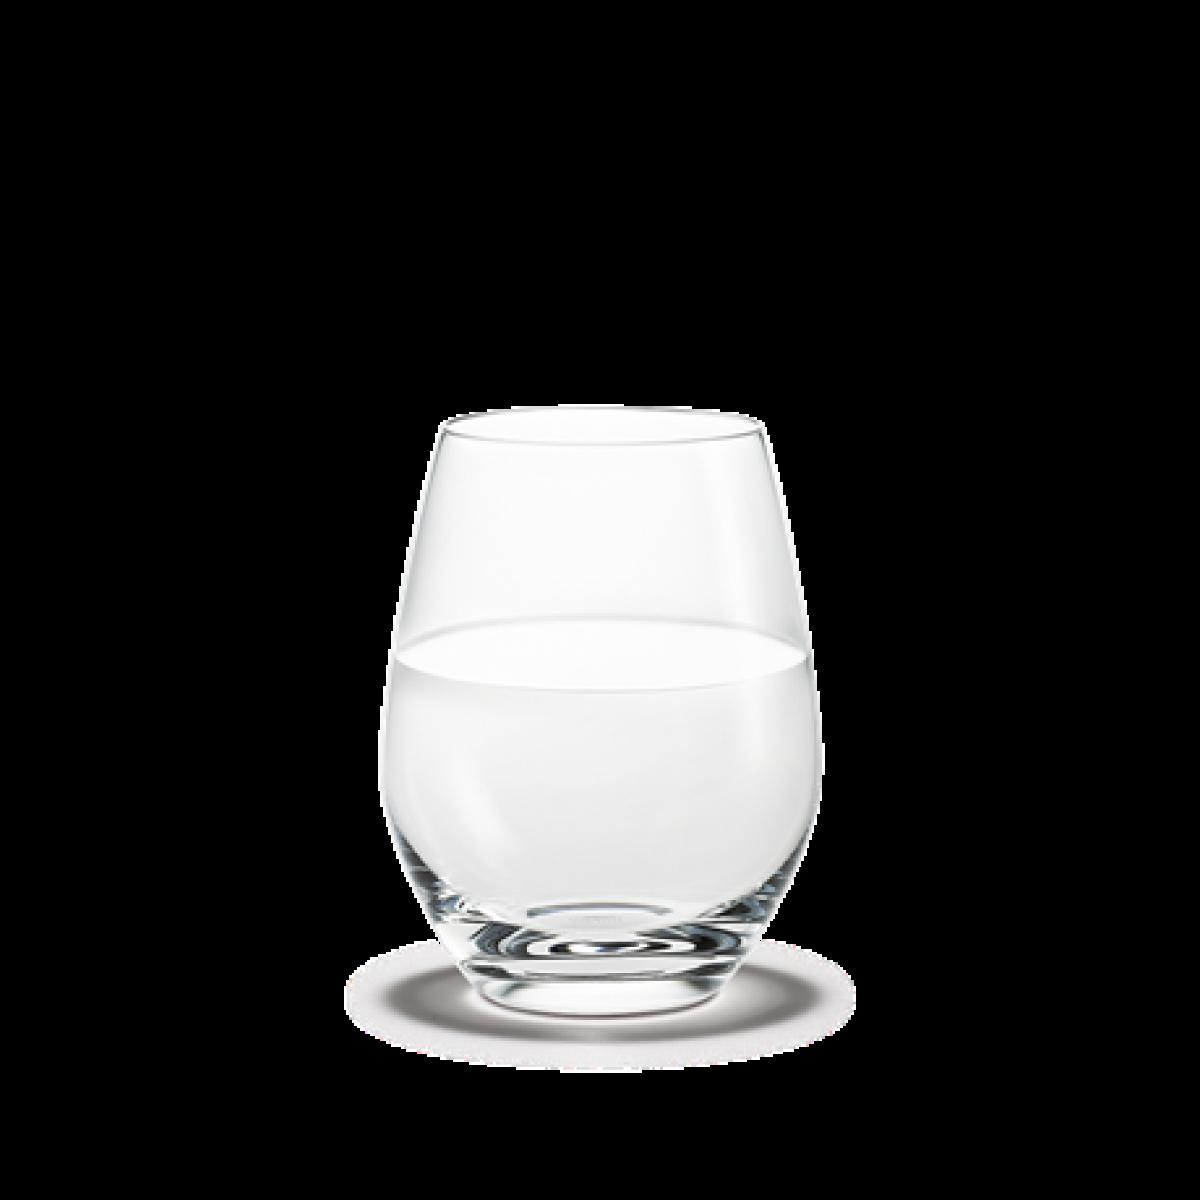 HOLMEGAARD Cabernet vandglas 35 cl. 6 stk.